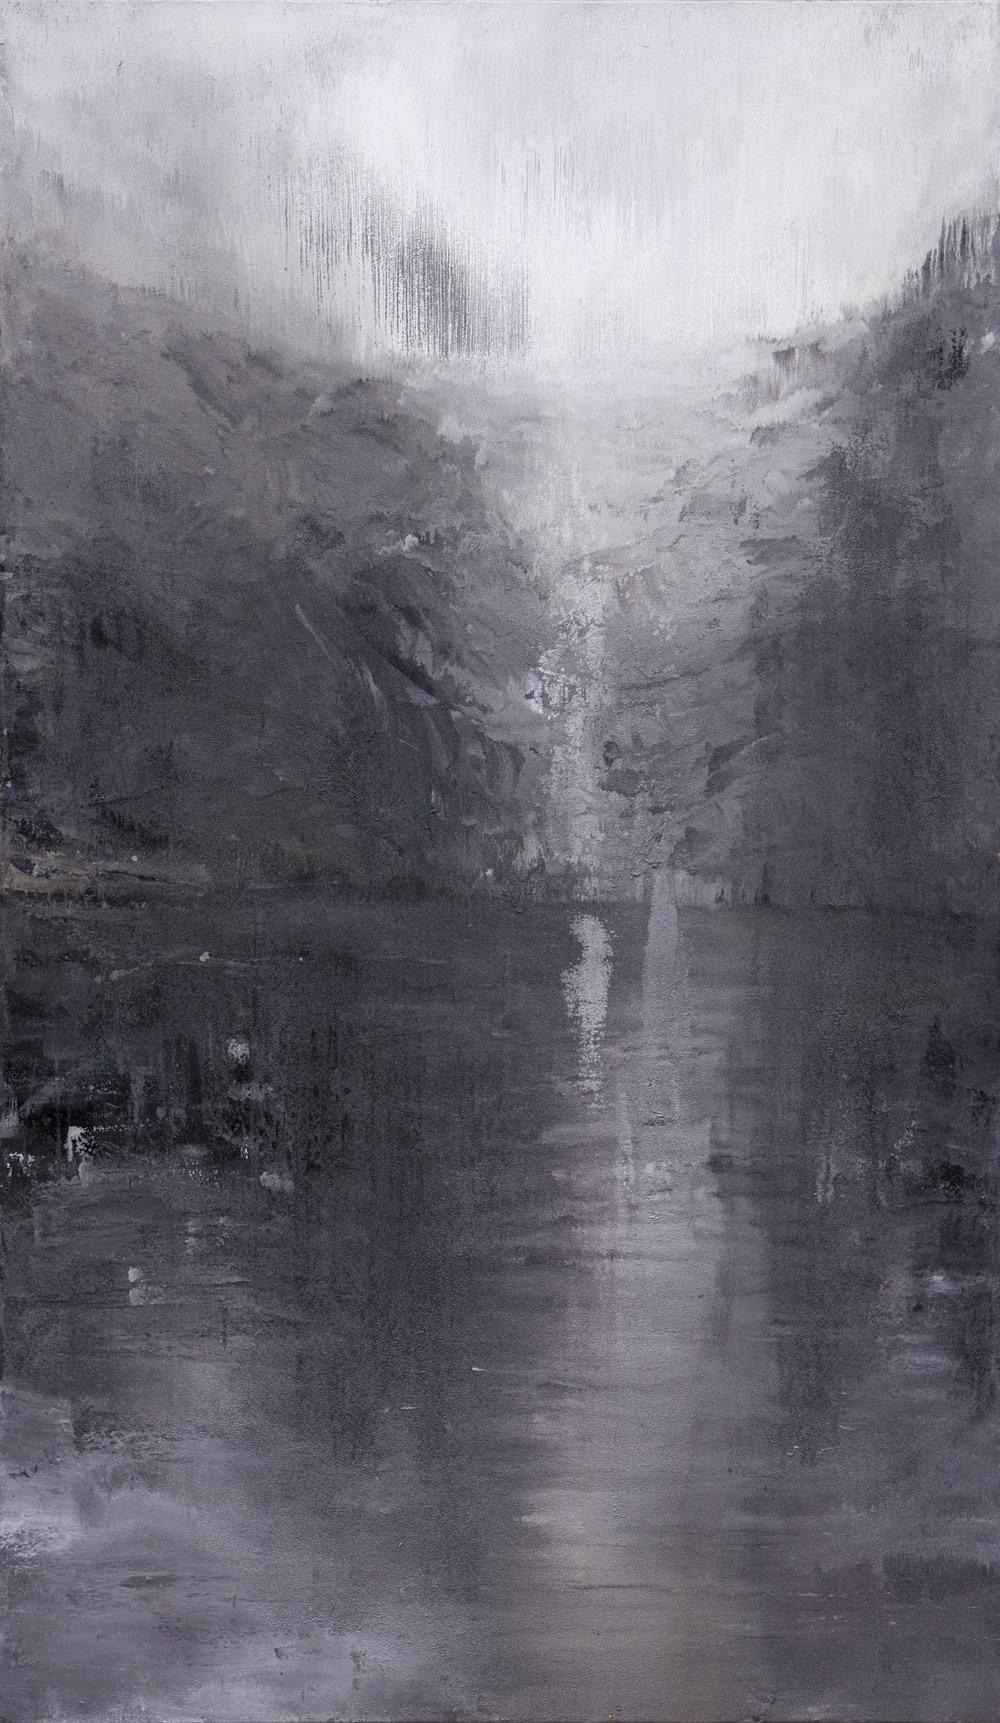 Chute Huile sur toile - 195 X 114 cm